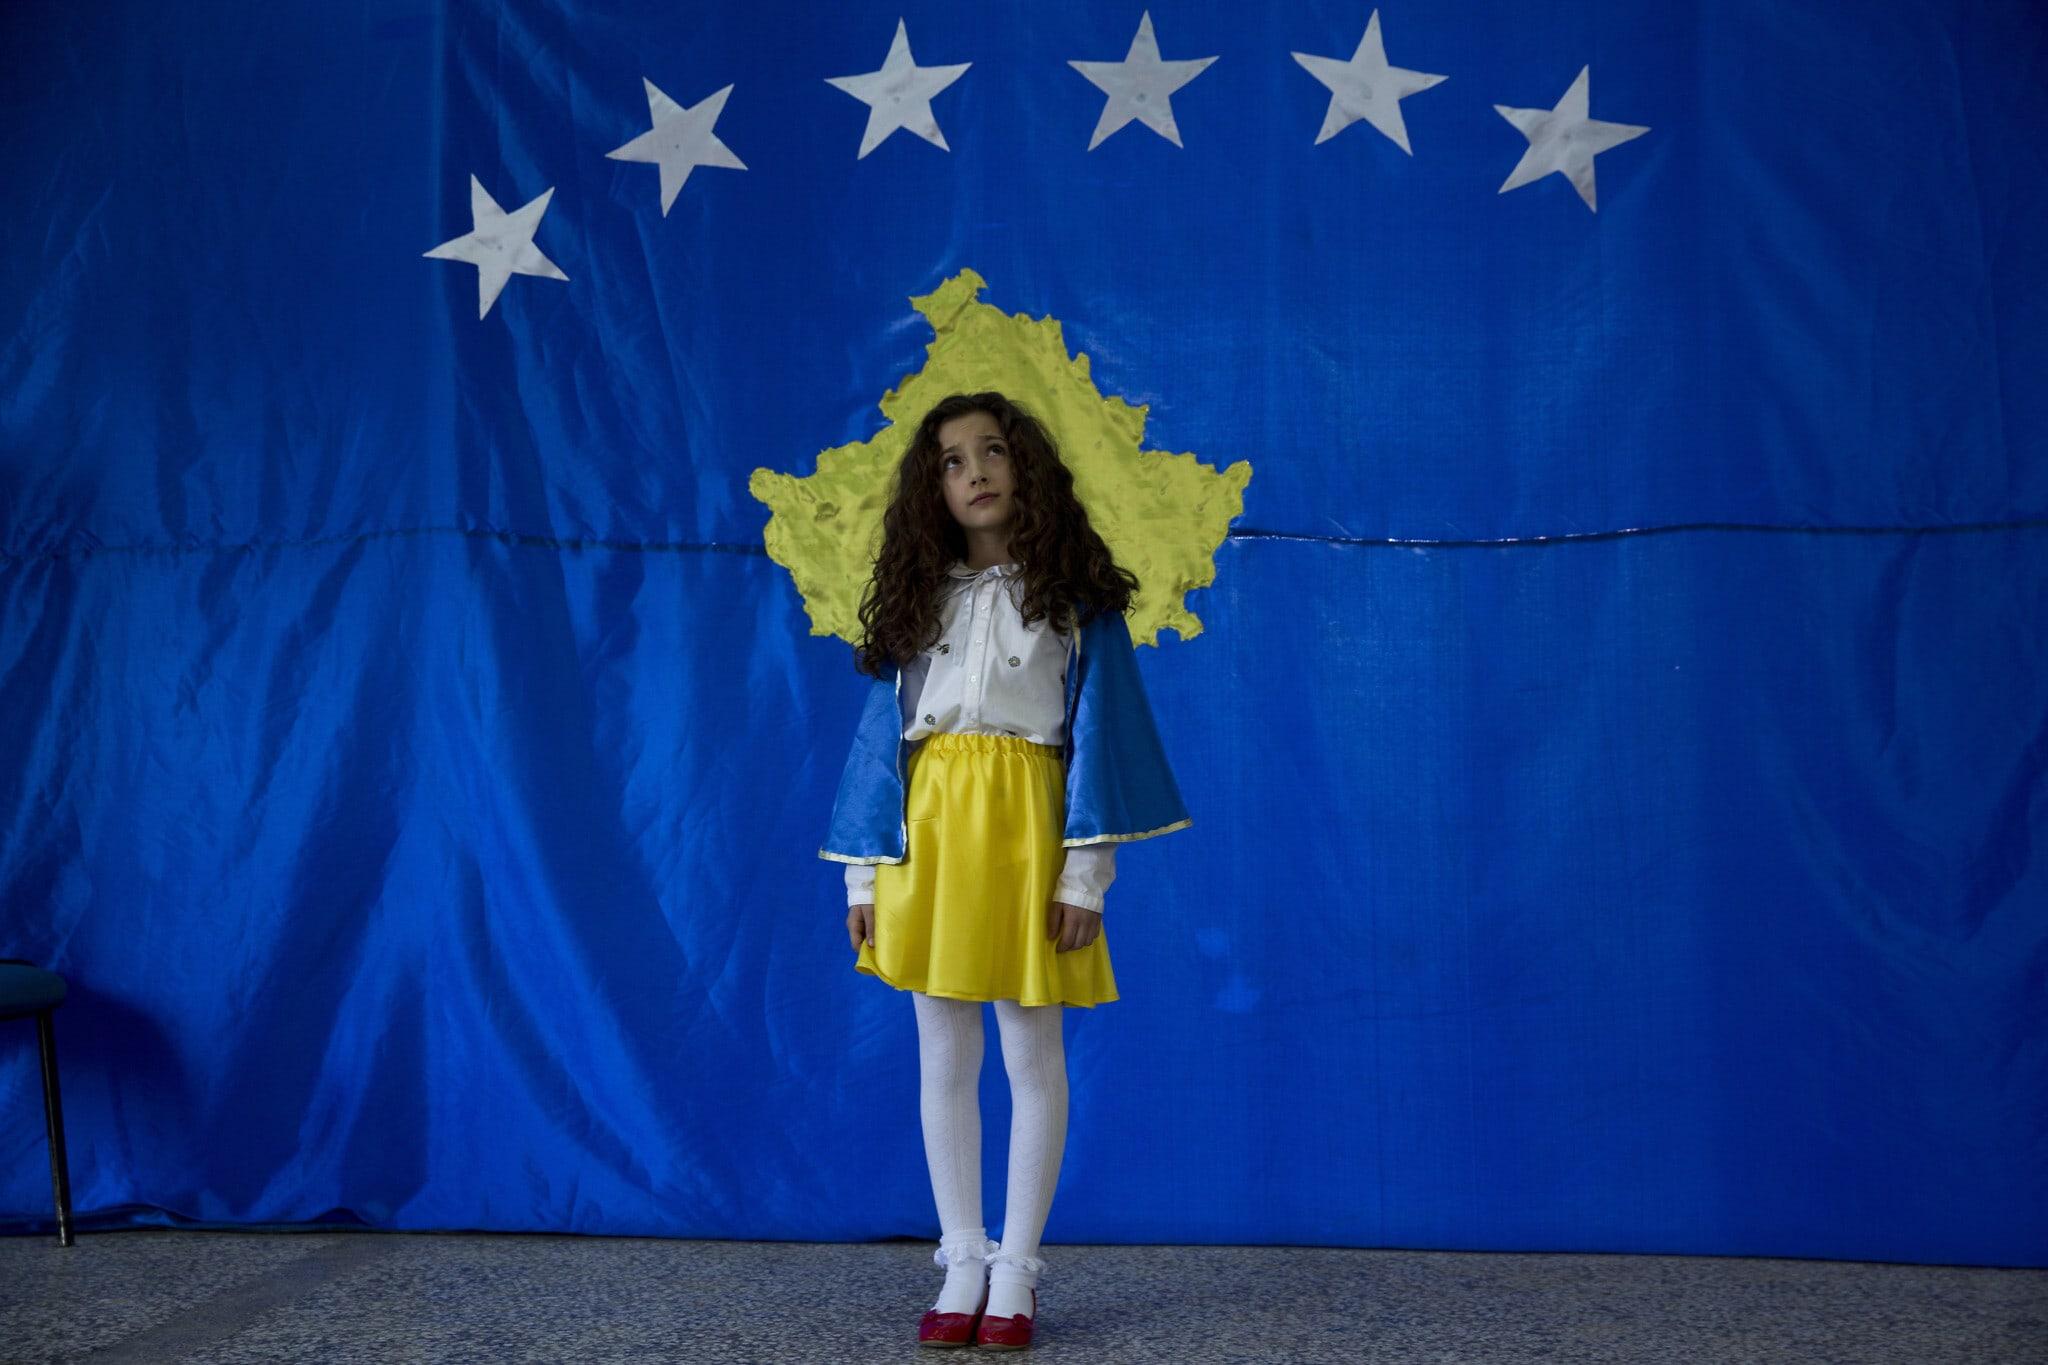 סופי בת העשר מתייצבת לפני דגל קוסובו במהלך טקס חגיגת יום העצמאות העשירי של קוסובו בבית ספרה, 2018. סופי הייתה הילדה הראשונה שנולדה בקוסובו העצמאית (צילום: AP Photo/Visar Kryeziu)